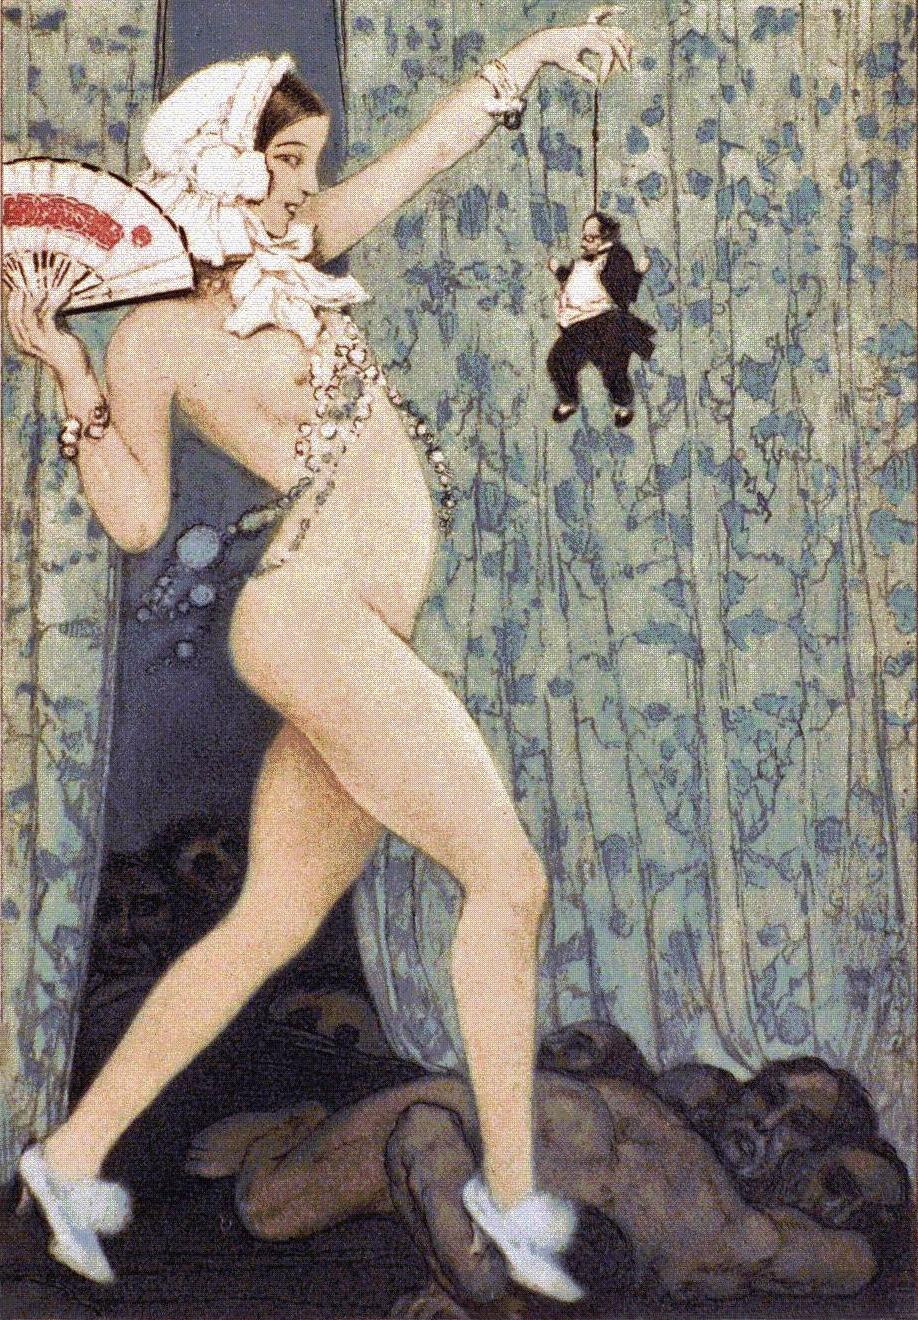 1934 Les fleurs du mal. ed Le Vasseur Manuel Orazi Hymne a la Beaute p 41